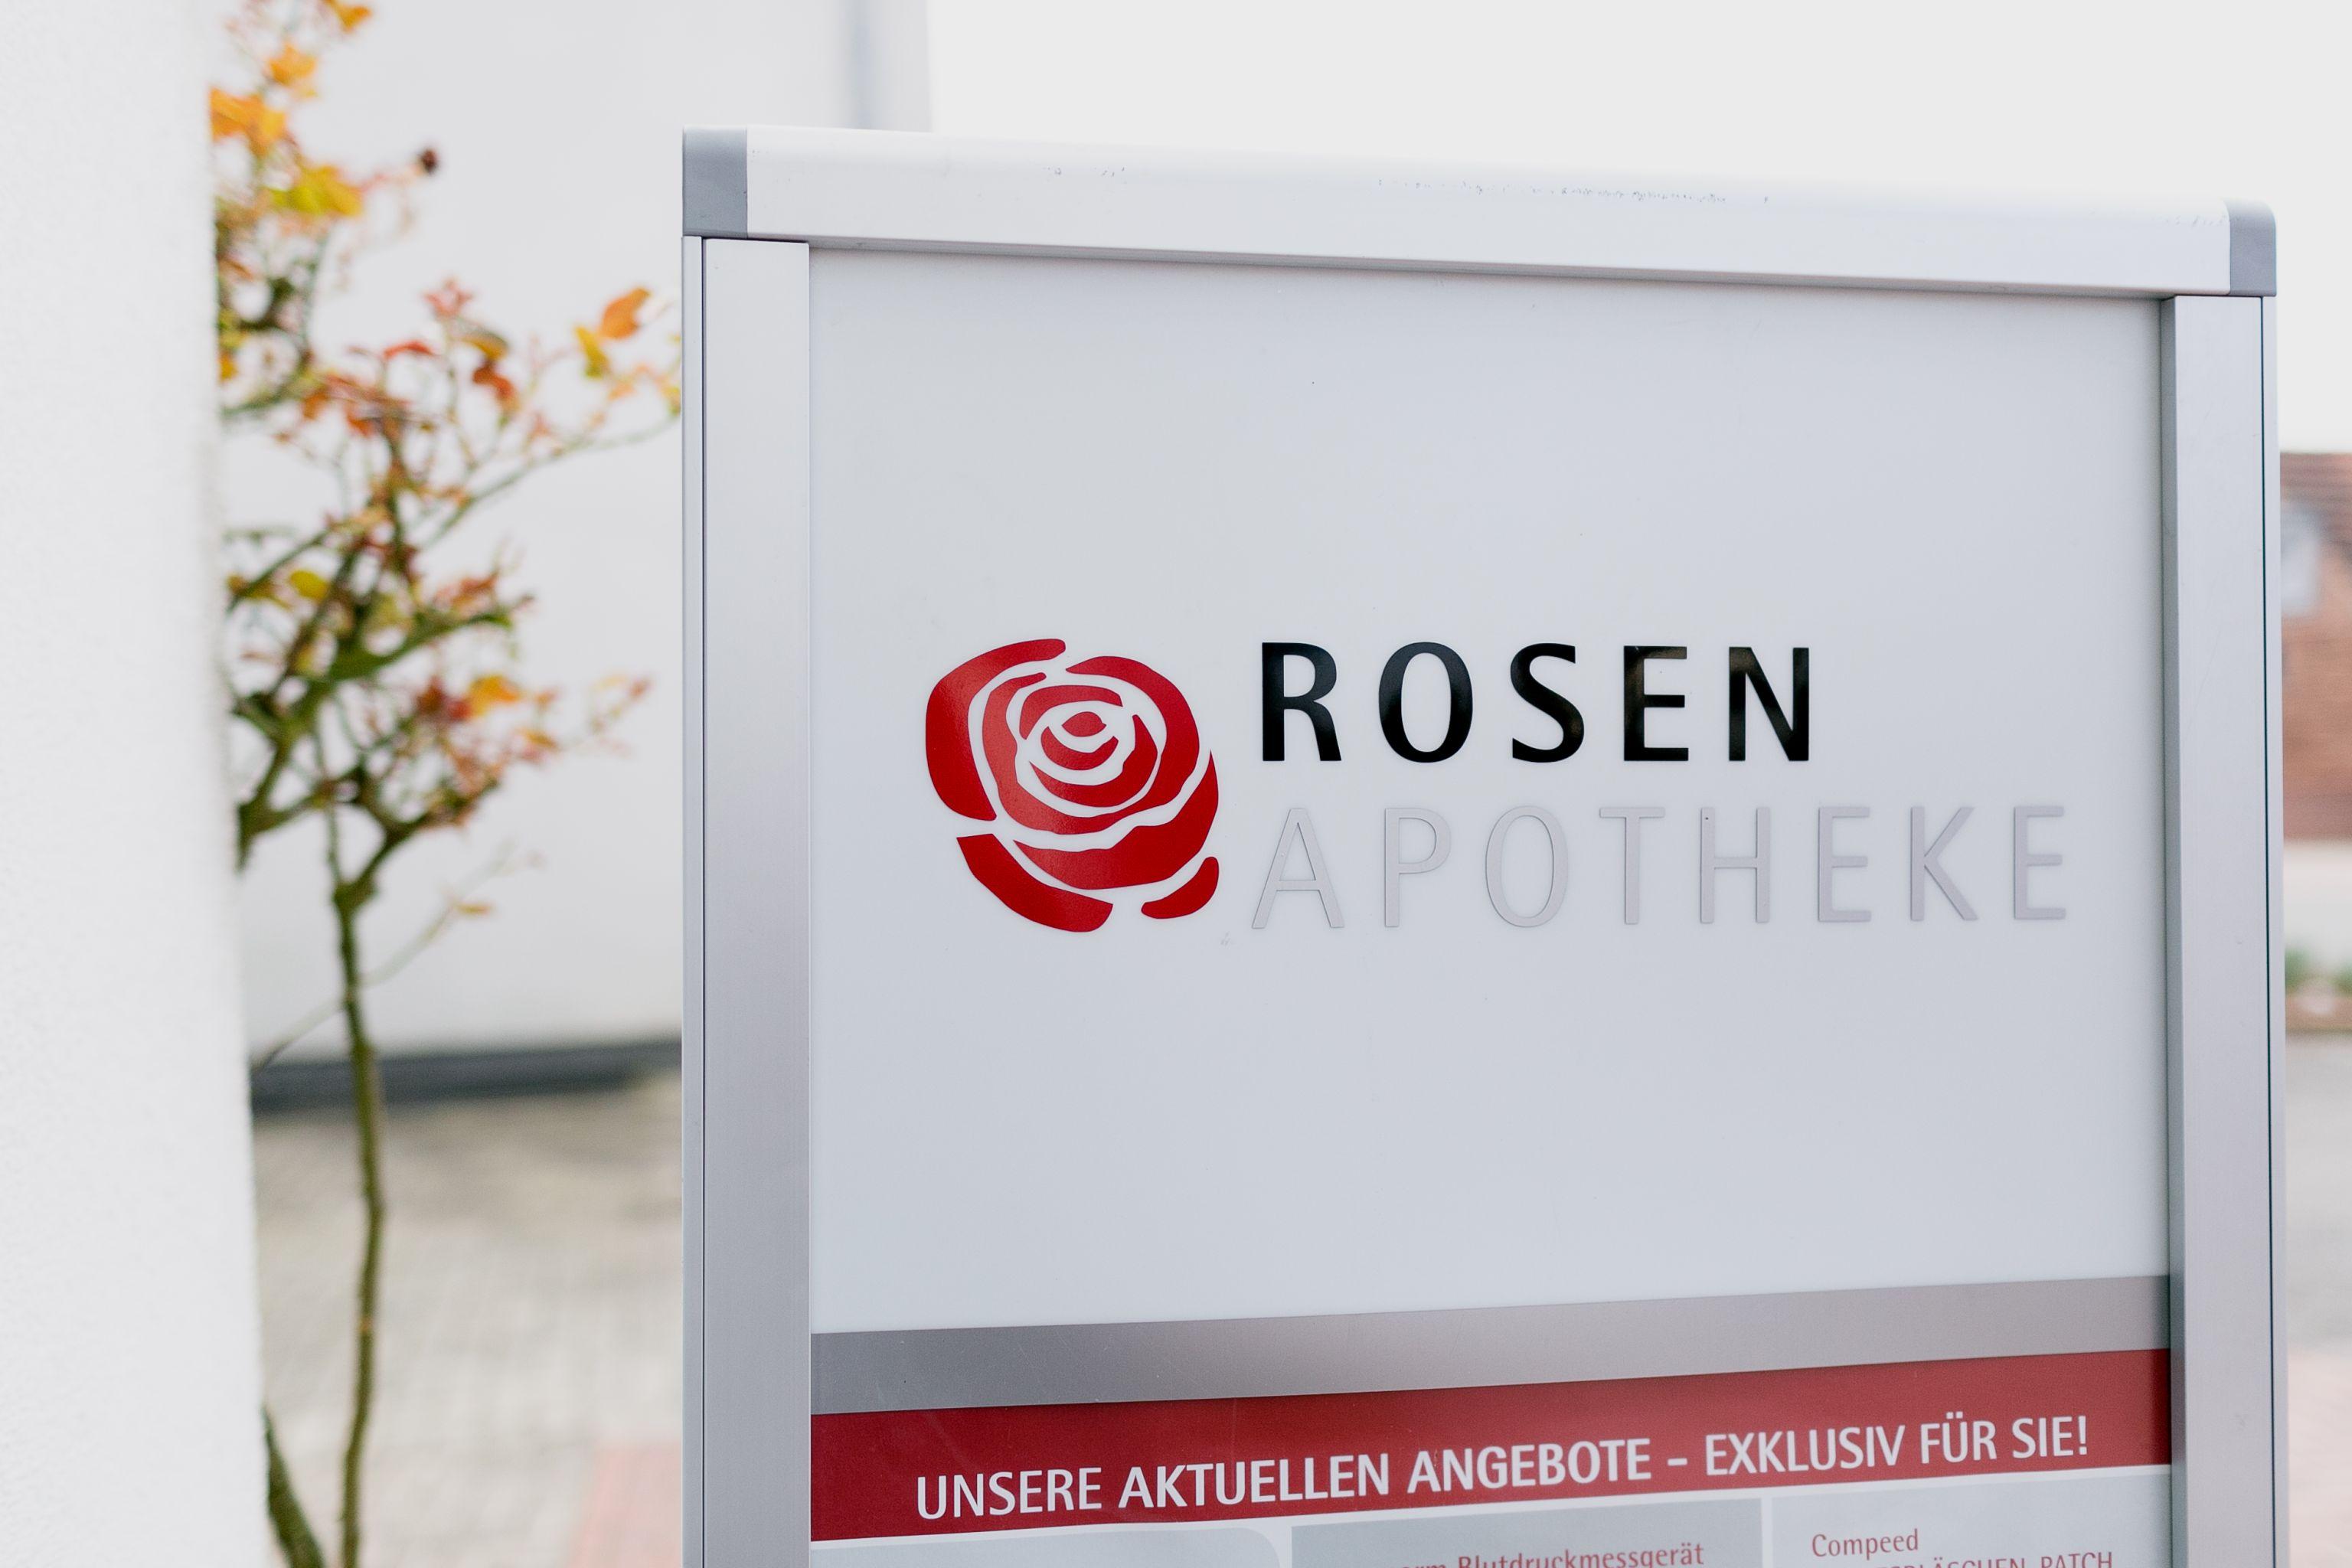 Rosen Apotheke